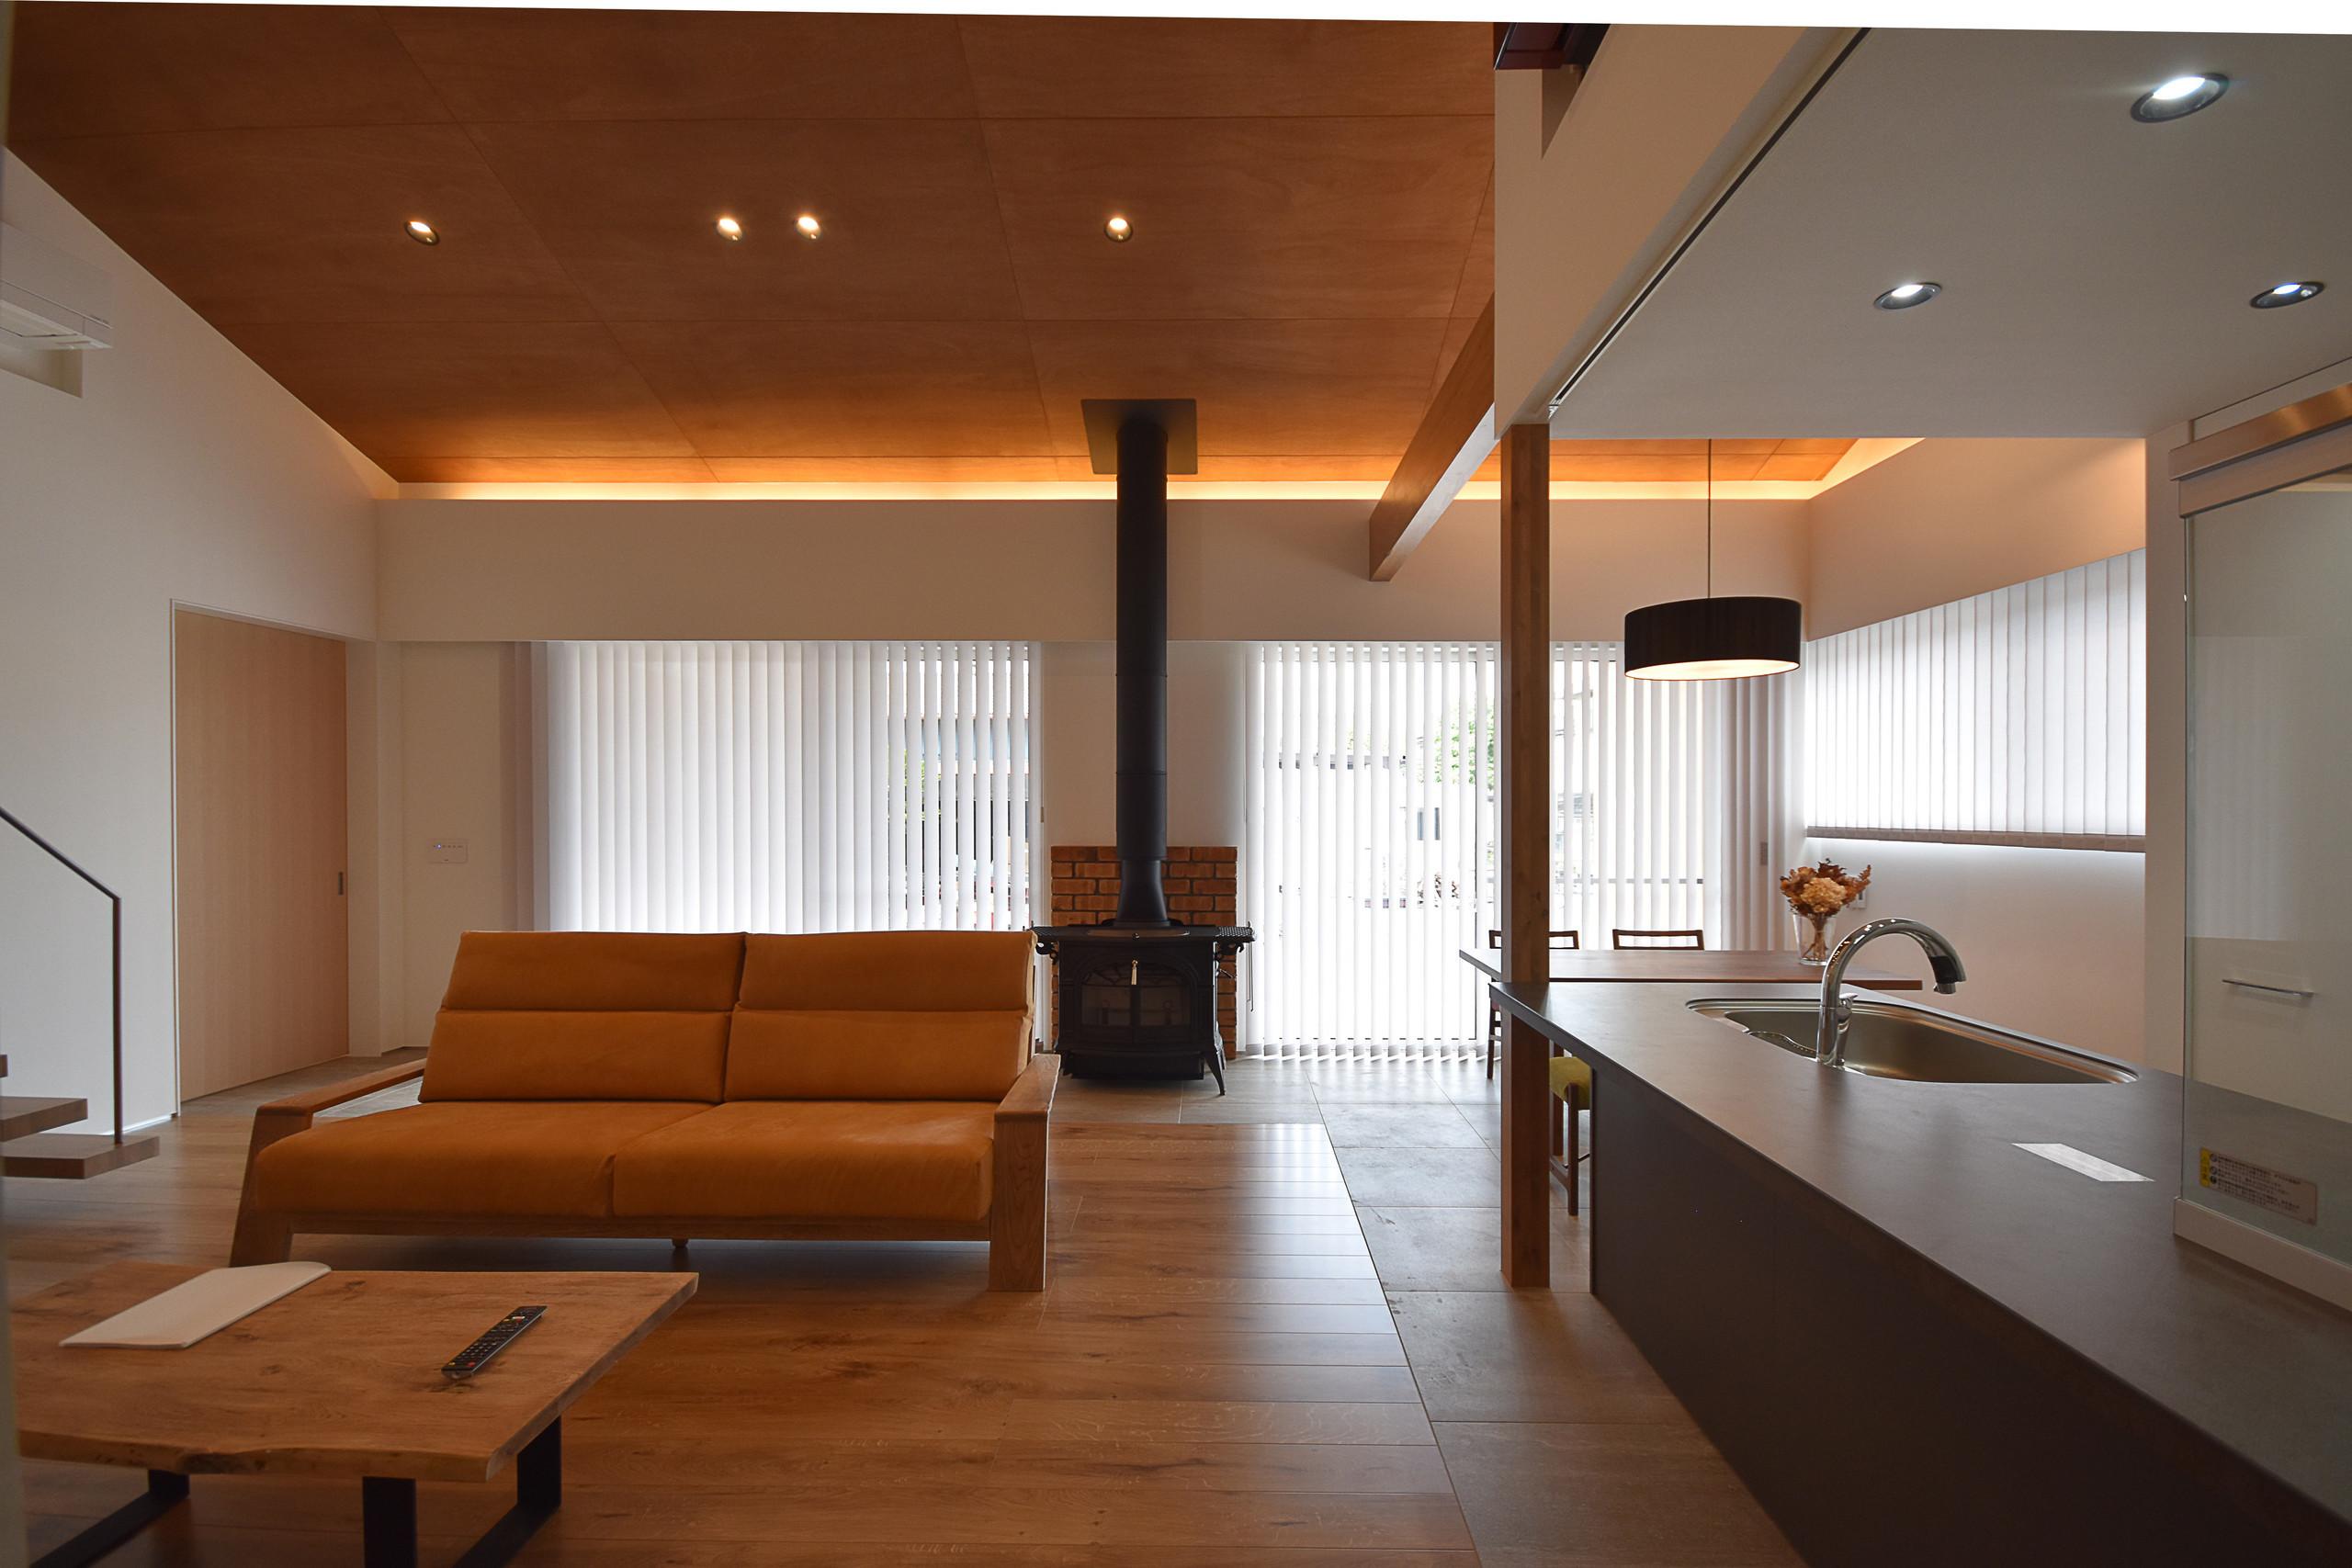 高林南の家_群馬県太田市の建築事例写真